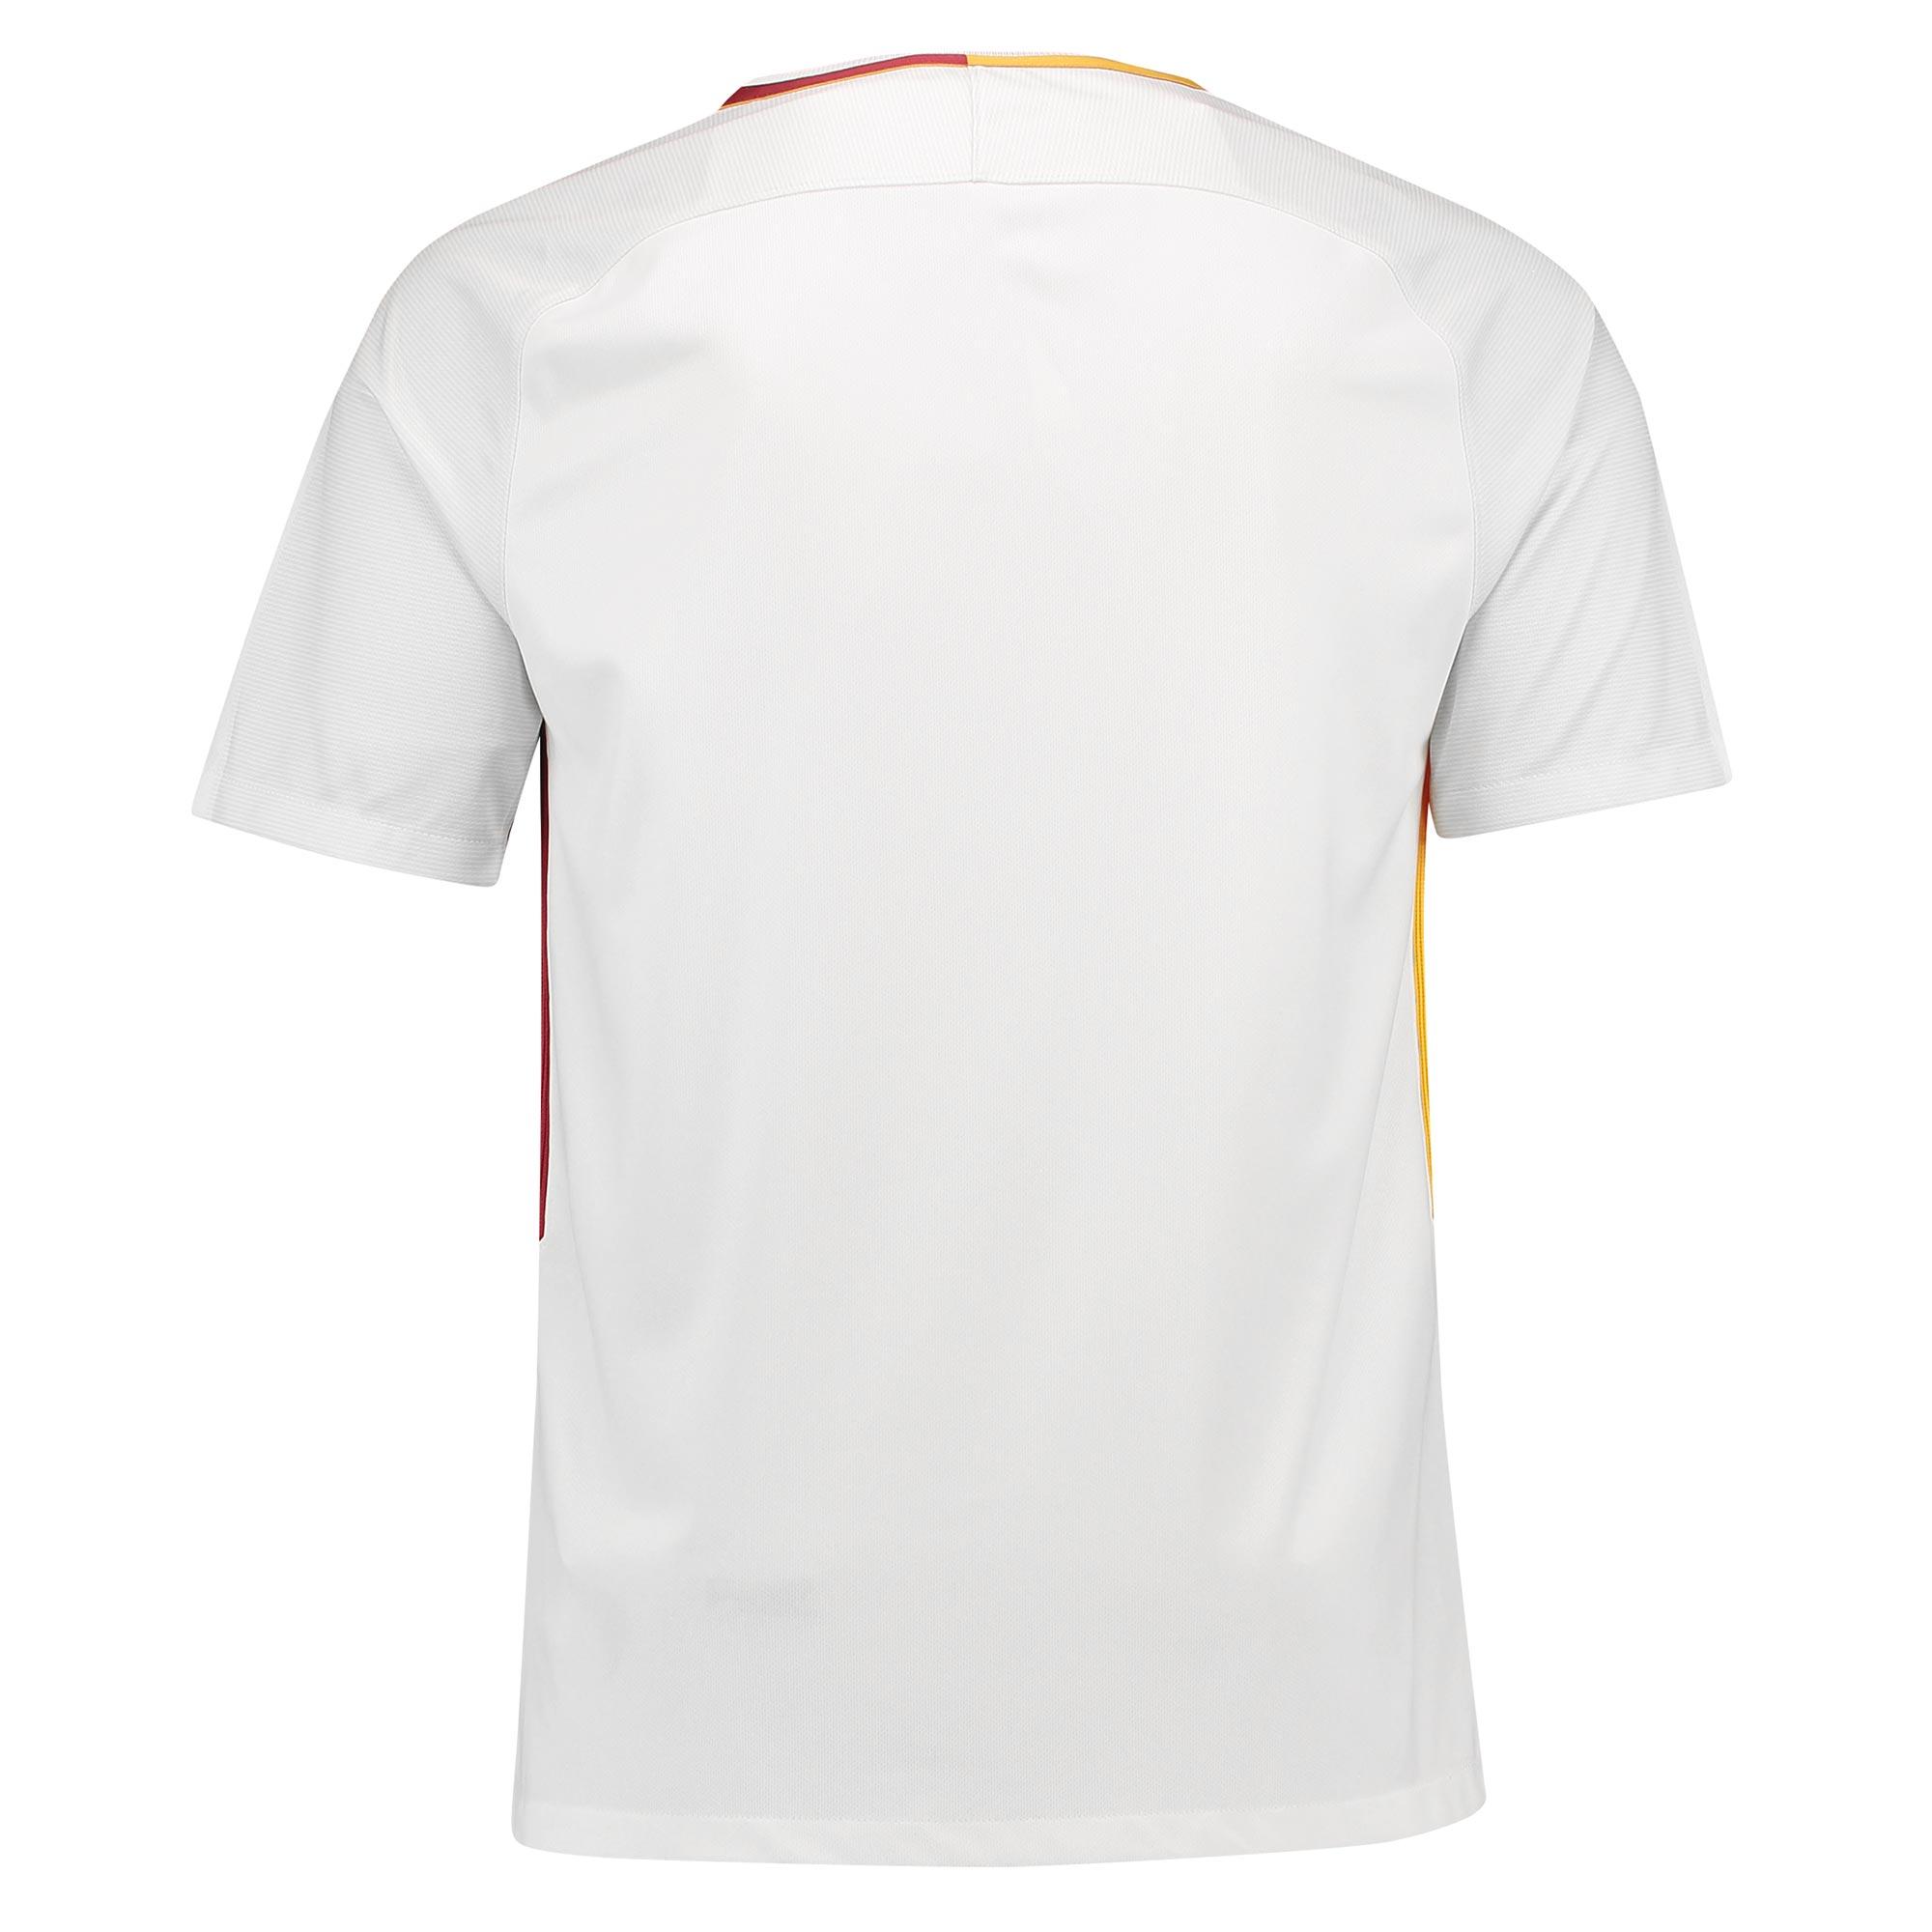 Popis · Na stiahnutie · Podobný tovar. Detský vonkajší dres AS Rím (sezóna  2017-2018). Originálny licencovaný produkt Nike. baf7de2b993